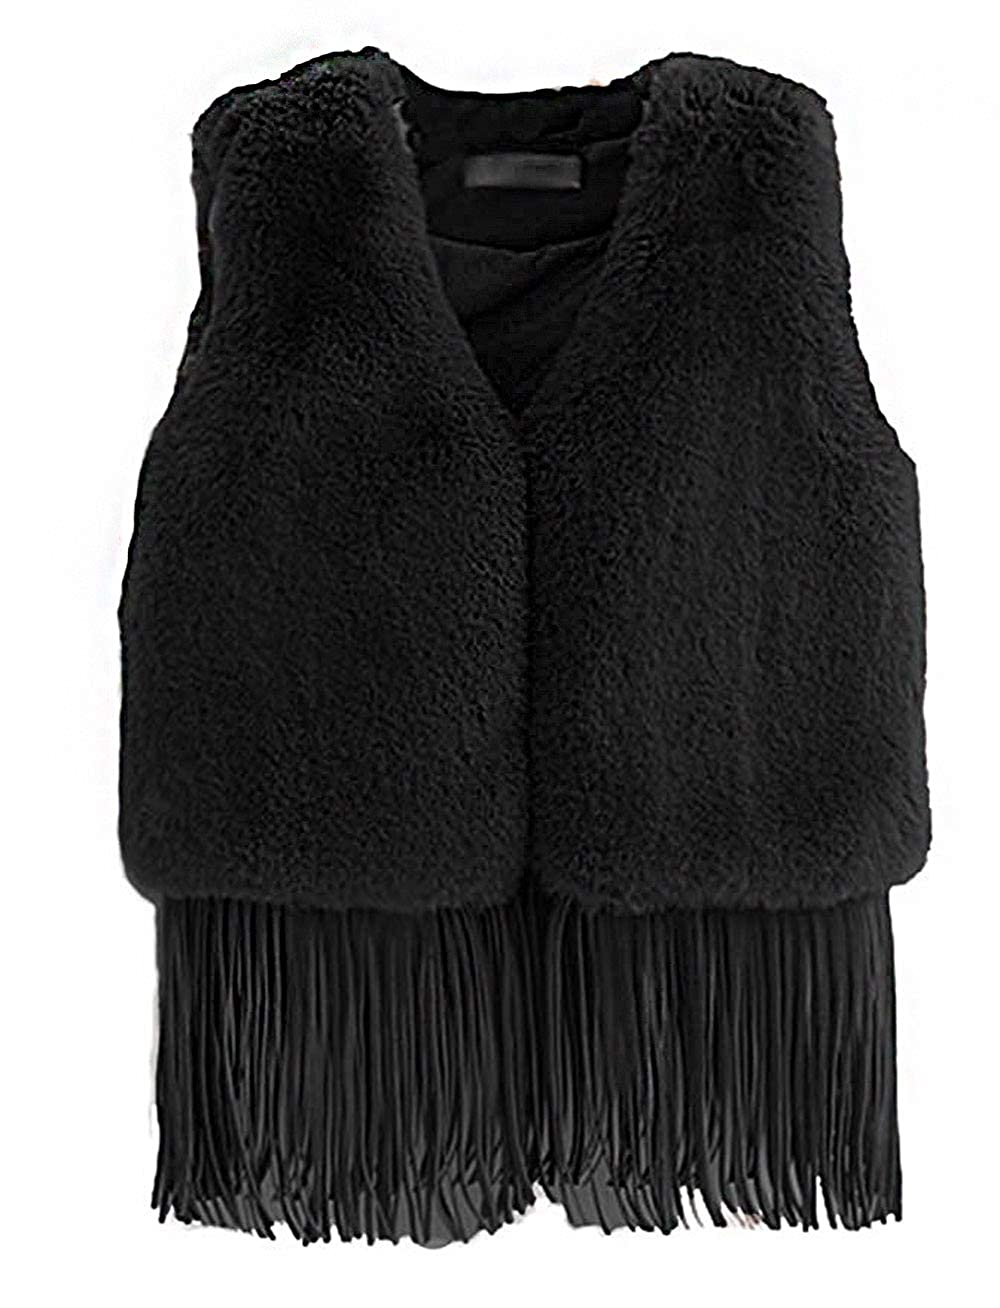 21KIDS Girls Boys Hippie Tassel Vest Cowgirl Fringed Faux Suede Jacket Kids Fur Gilet Waistcoat 42159-S6140-FoxBlack-4T